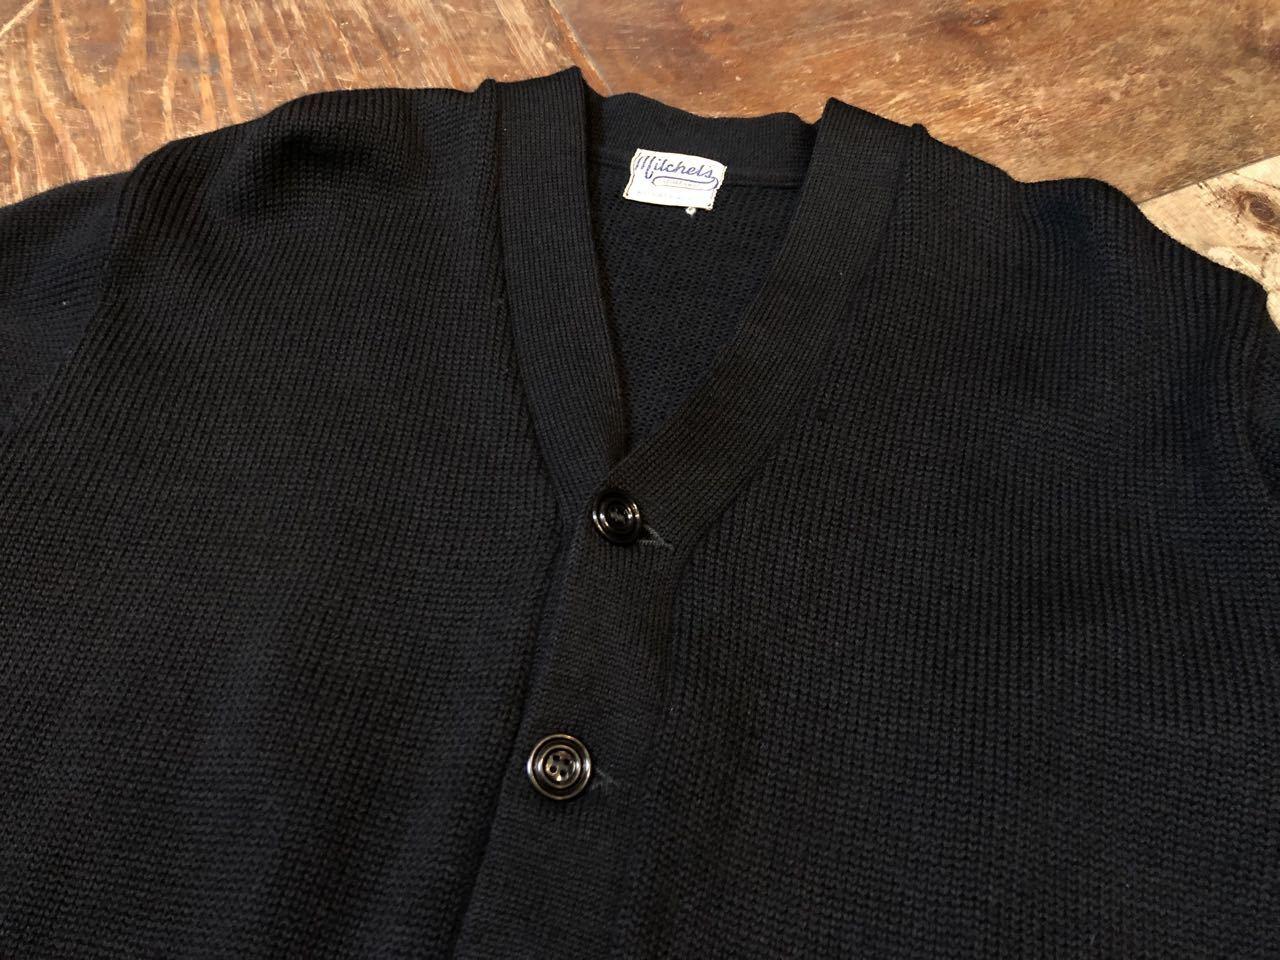 11月21日(木)入荷!50s ビンテージ all wool ブラックカラー カーディガン_c0144020_14022913.jpg